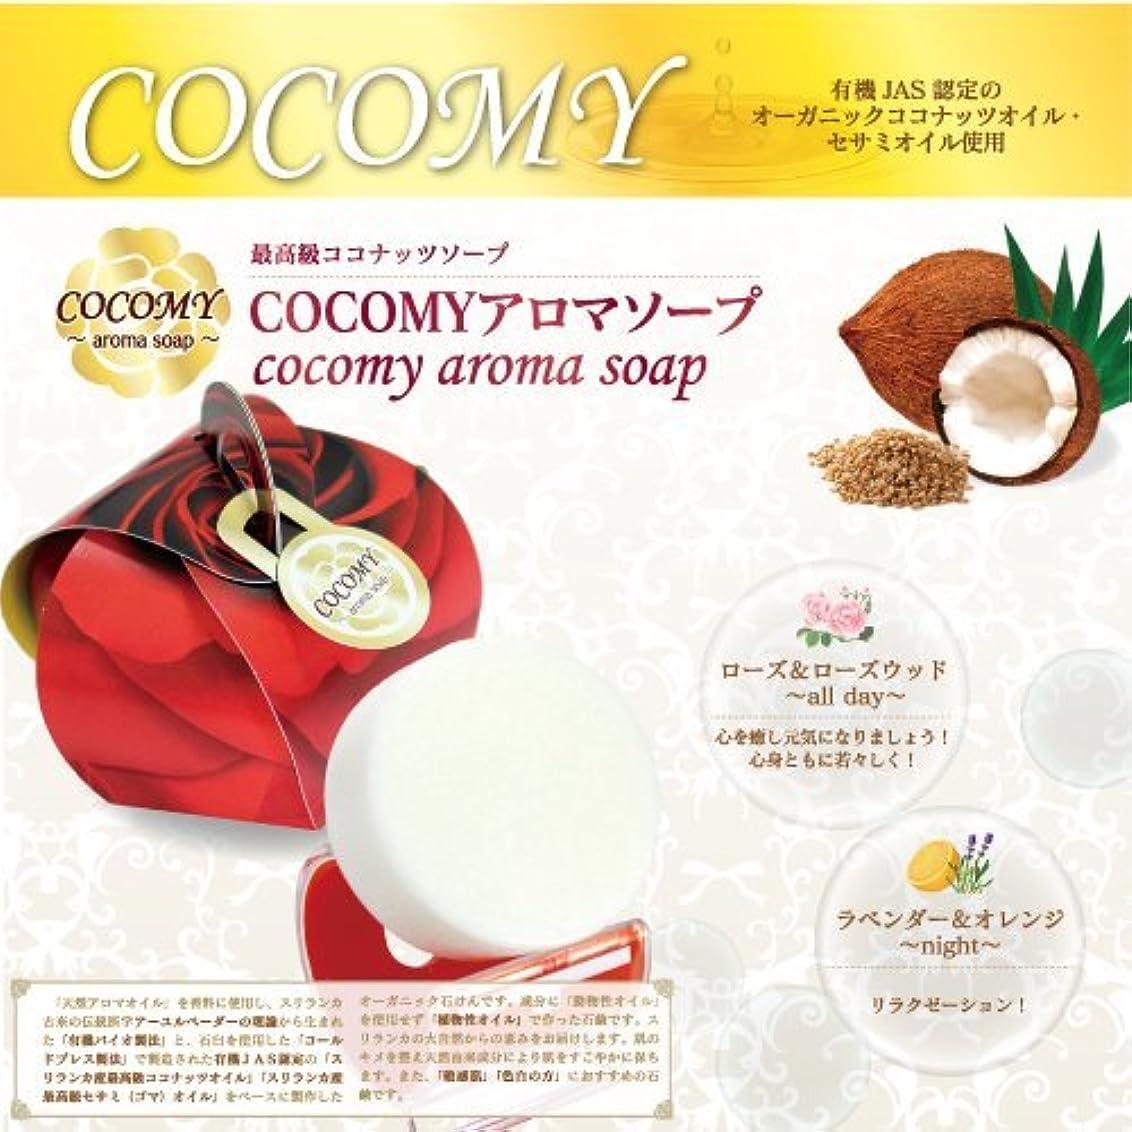 アリ記者コンサートCOCOMY aromaソープ 2個セット (ラベンダー&オレンジ)(ローズ&ローズウッド)40g×各1